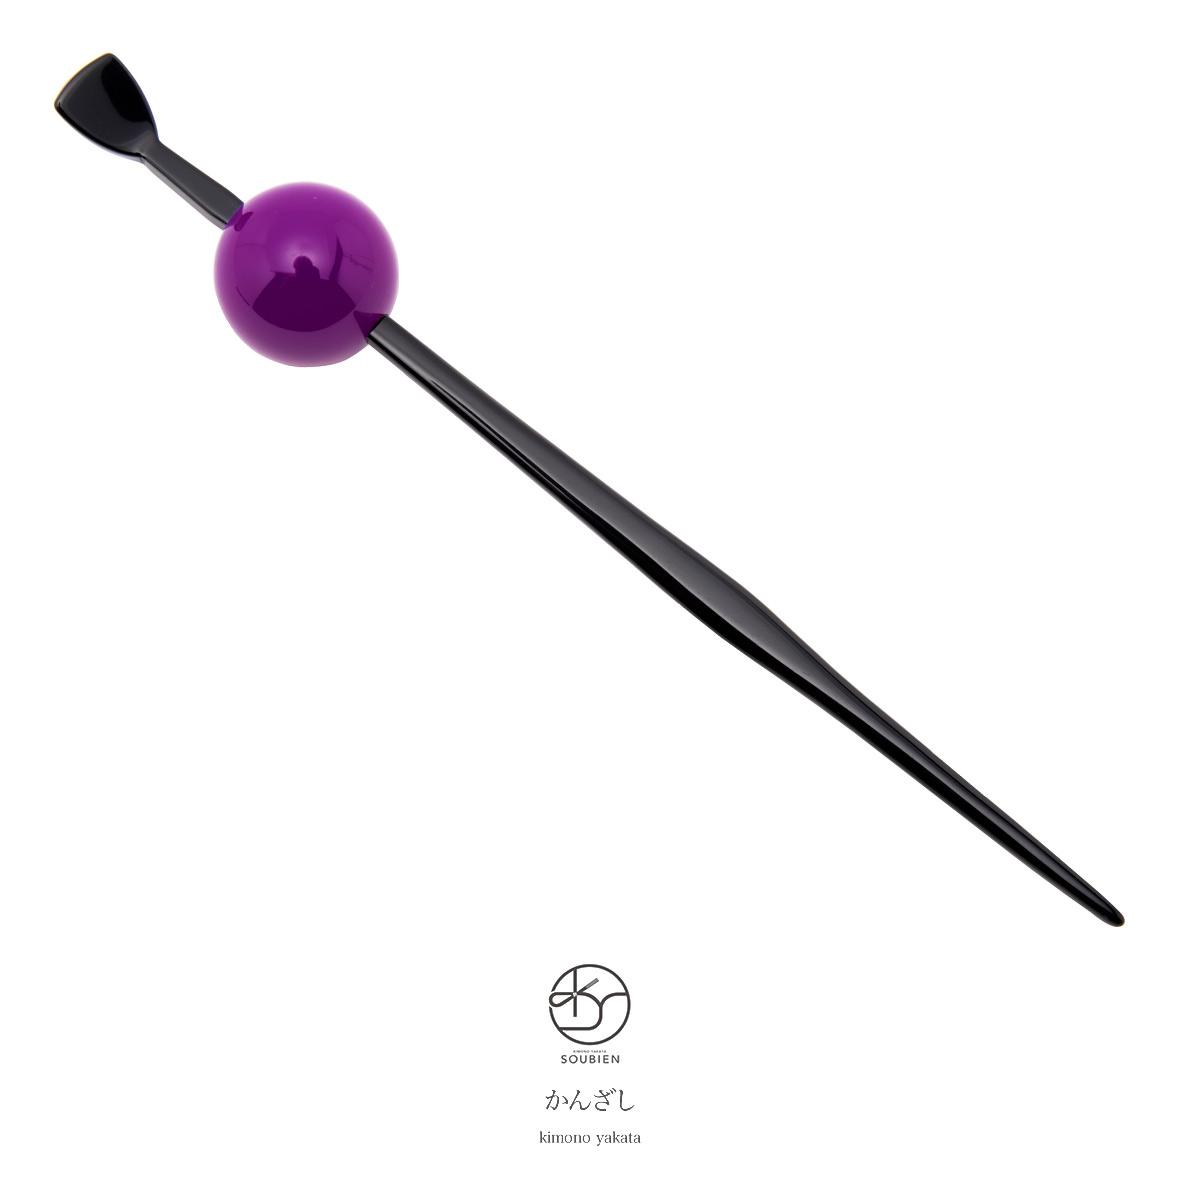 成人式の振袖や卒業式の袴、浴衣に,玉簪(かんざし)